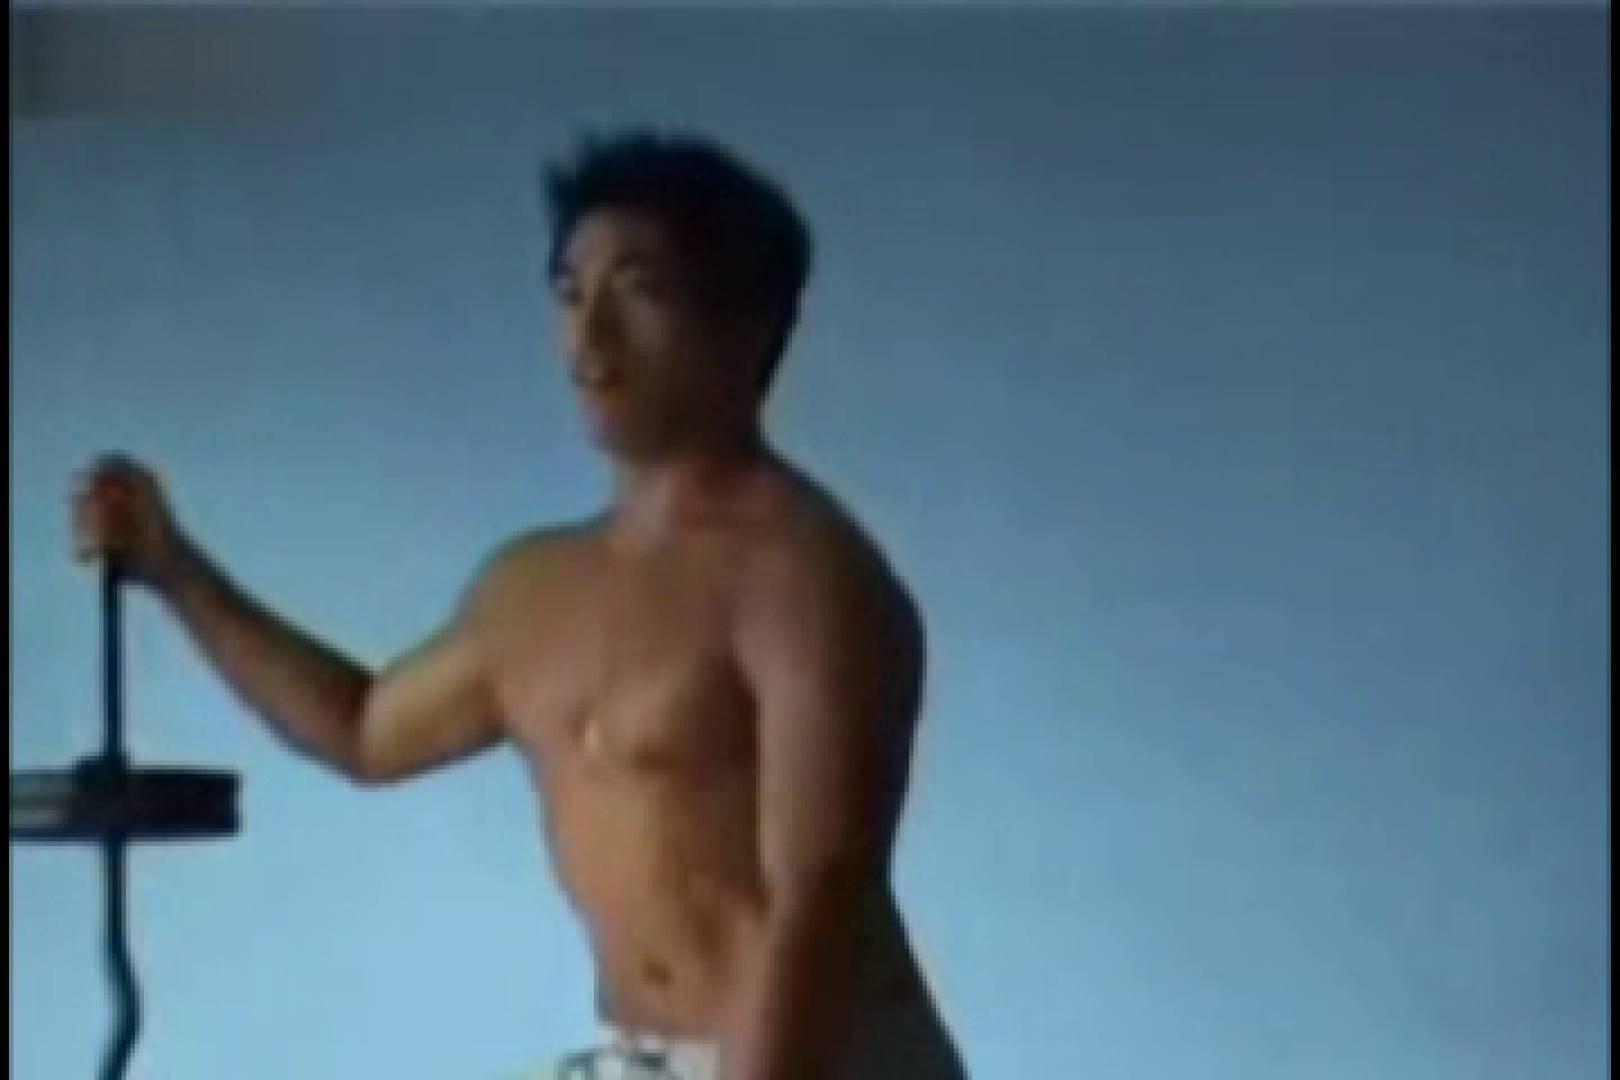 中出有名ゲイ雑誌★魅力●生★付録DVD収録スーパーモデルヌードvol5 男のヌード   男のモデル  11枚 9